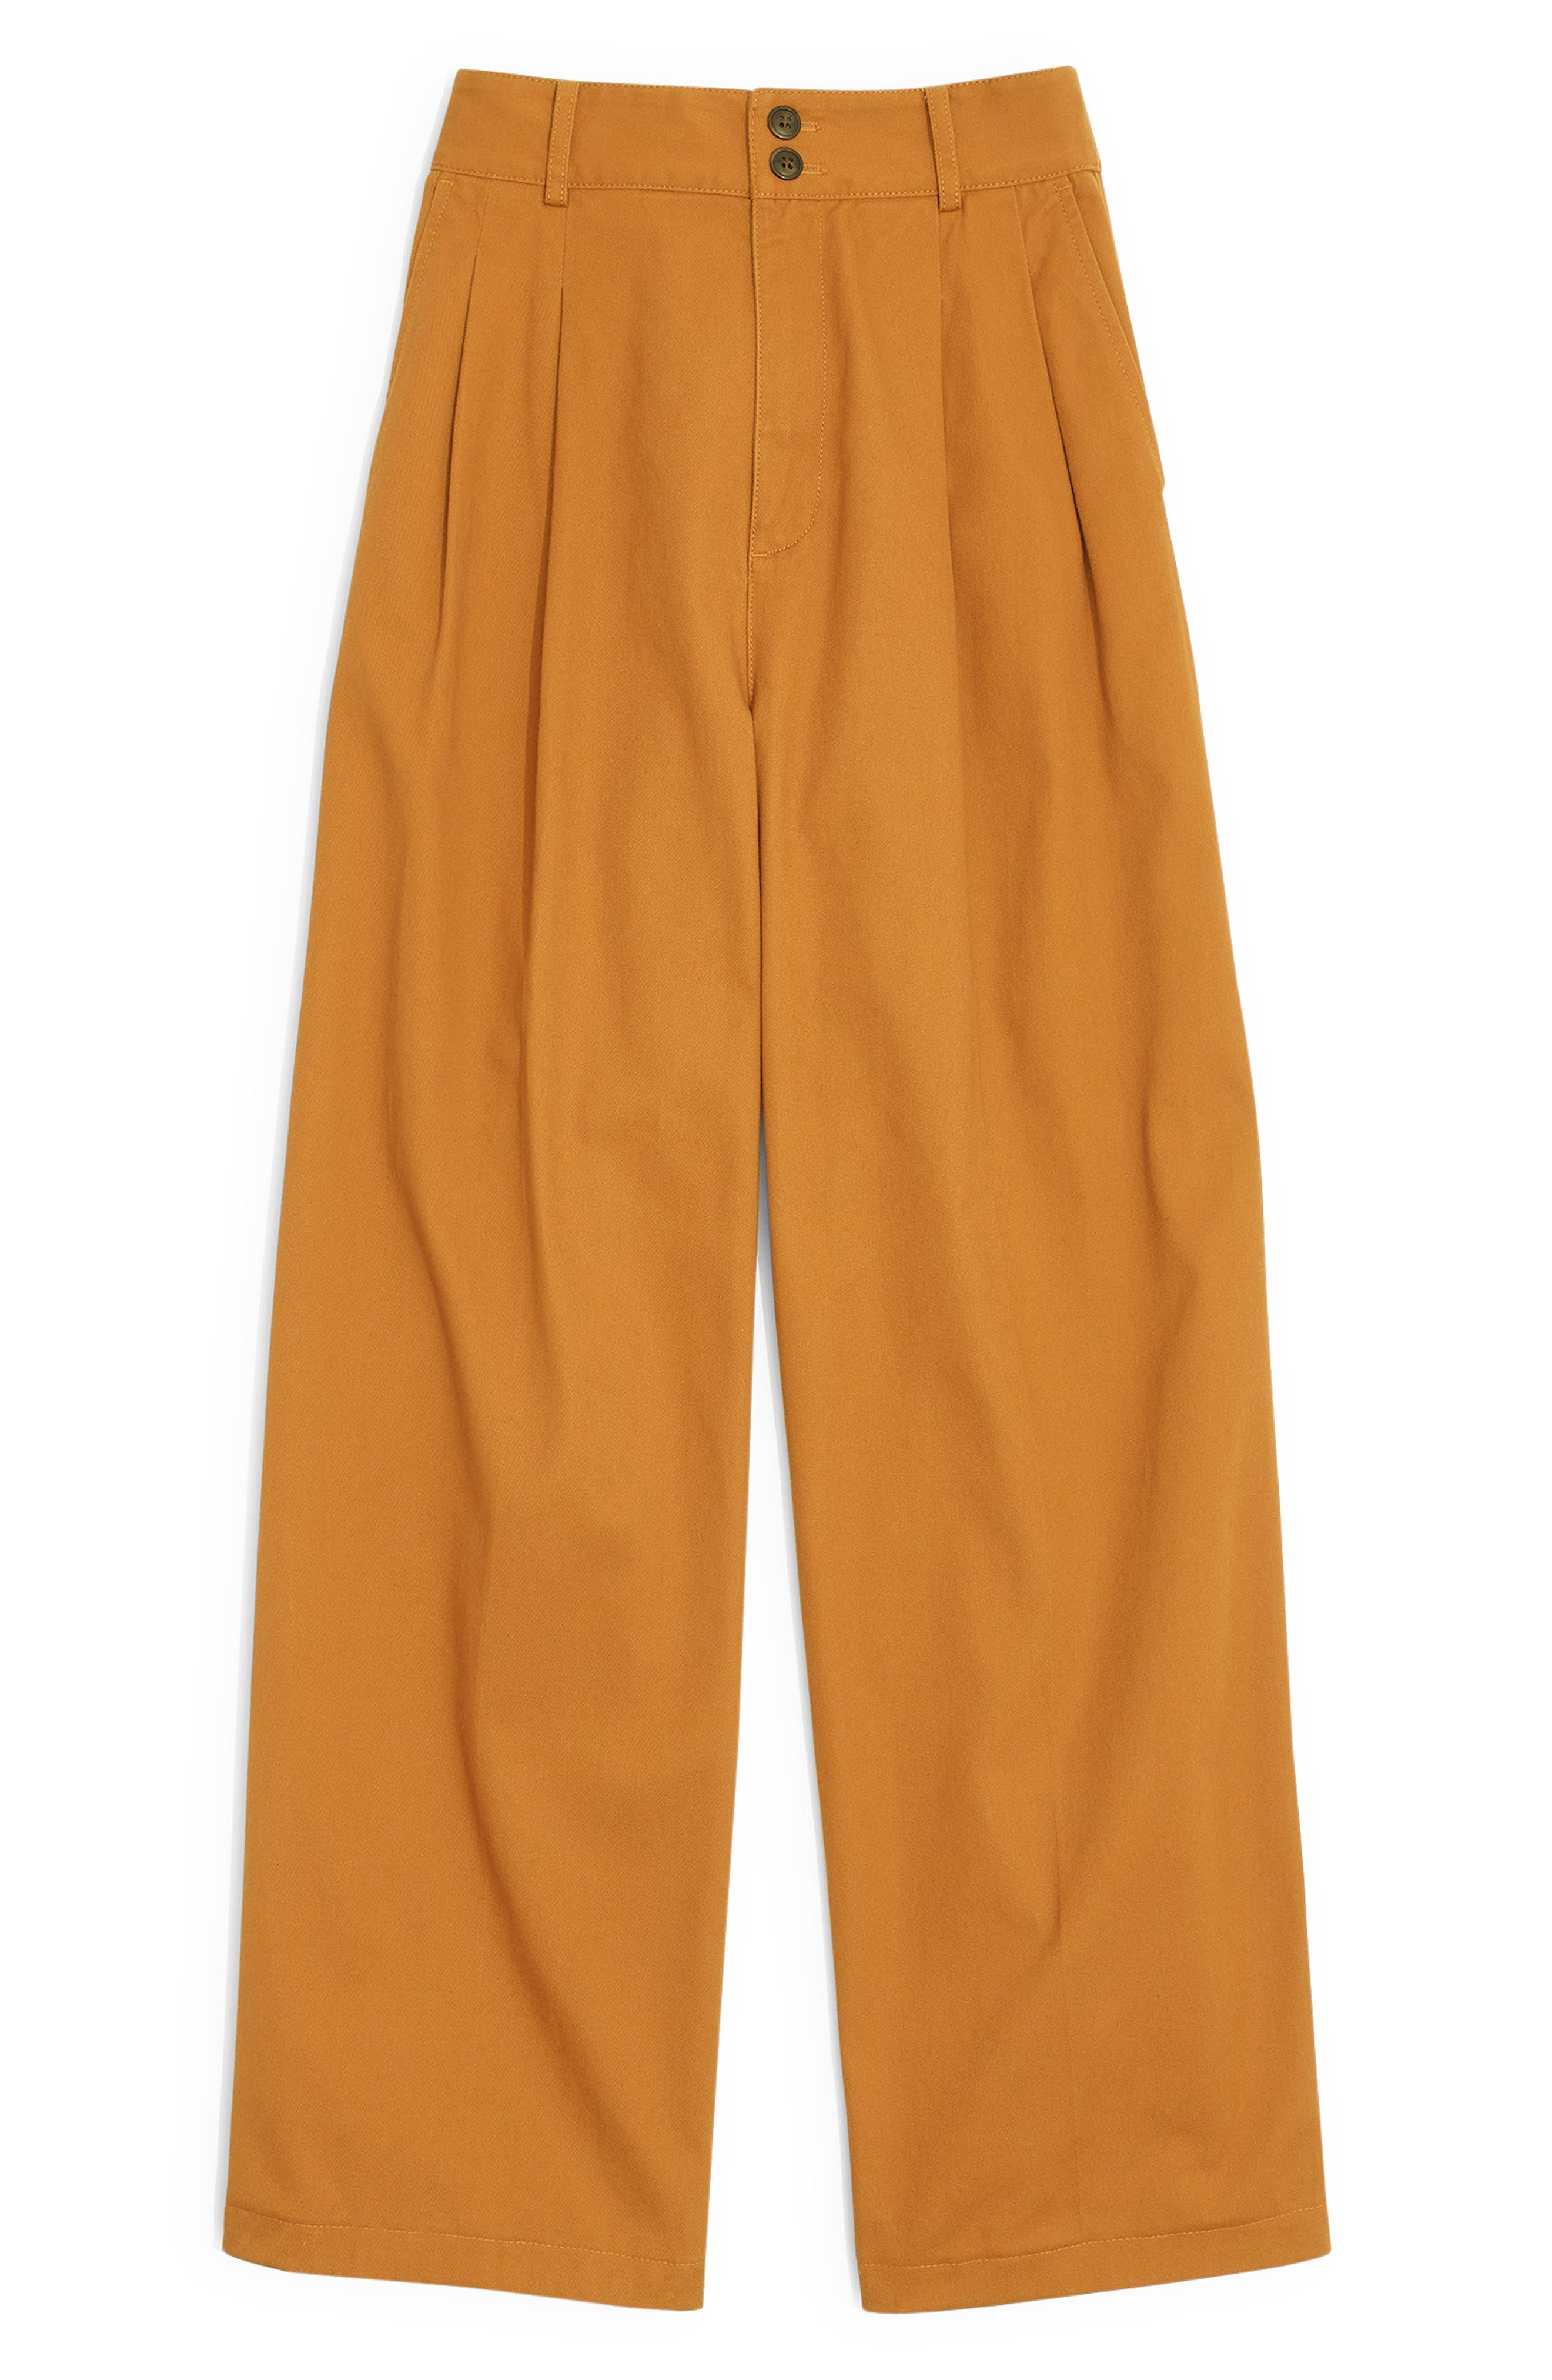 High Waist Crop Wide Leg Pants,                             Alternate thumbnail 4, color,                             GOLDEN PECAN